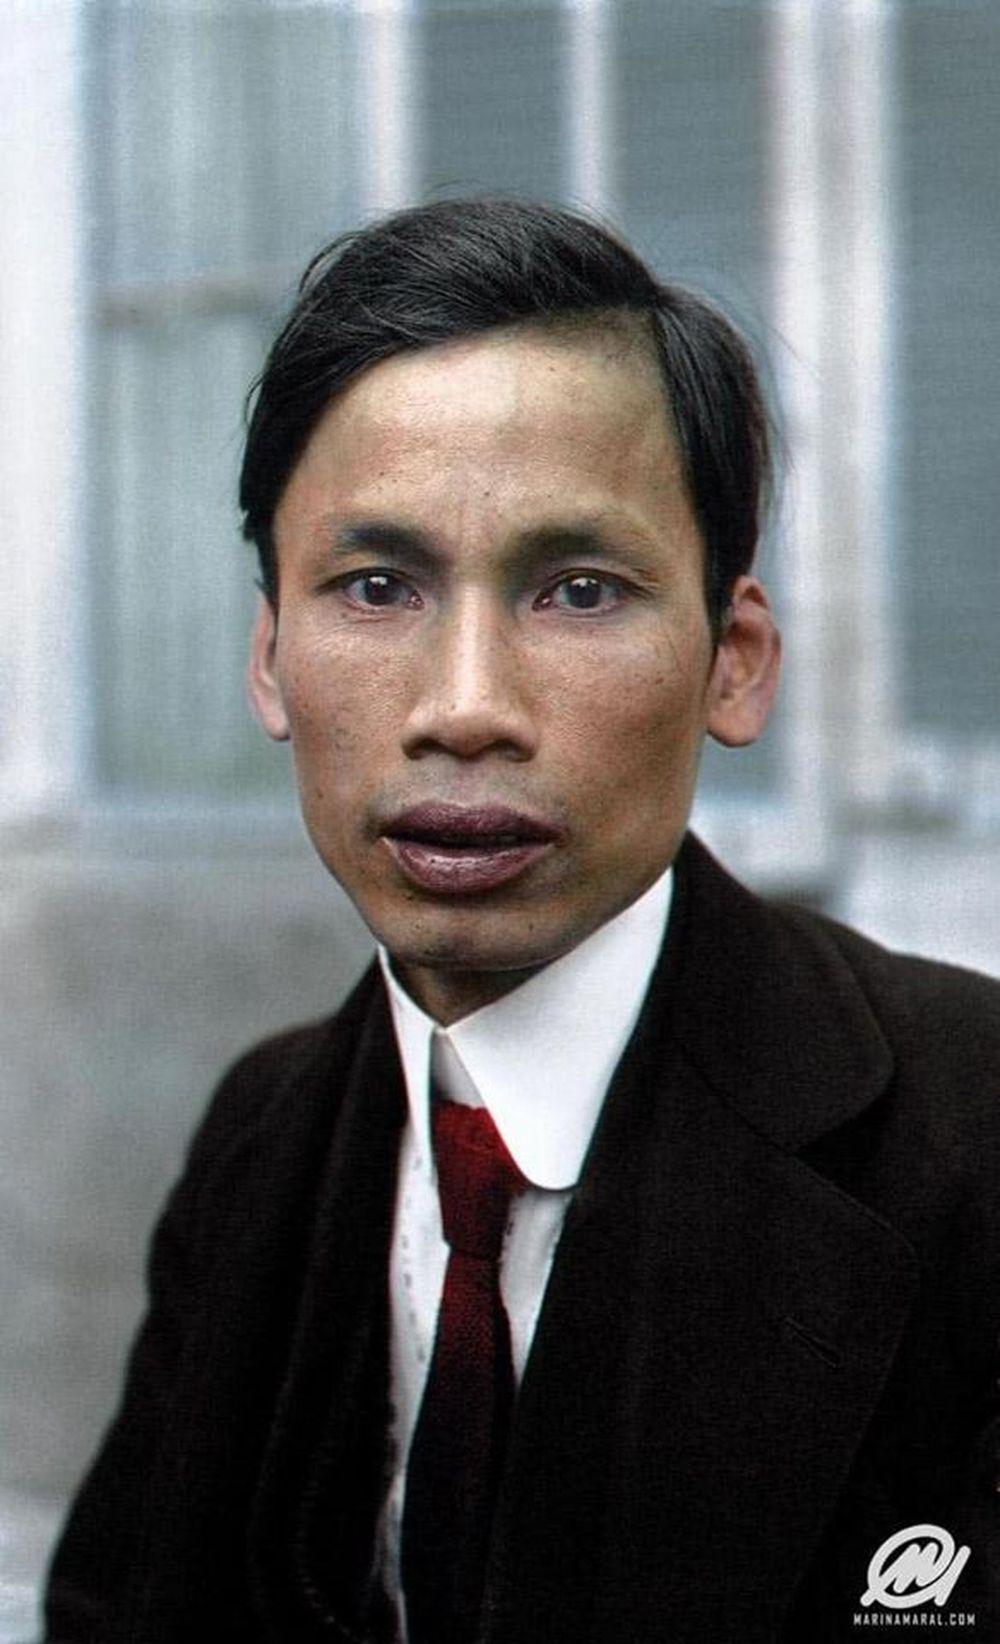 Bức ảnh chụp Chủ tịch Hồ Chí Minh vào năm 1921 sau khi đã được phục chế.